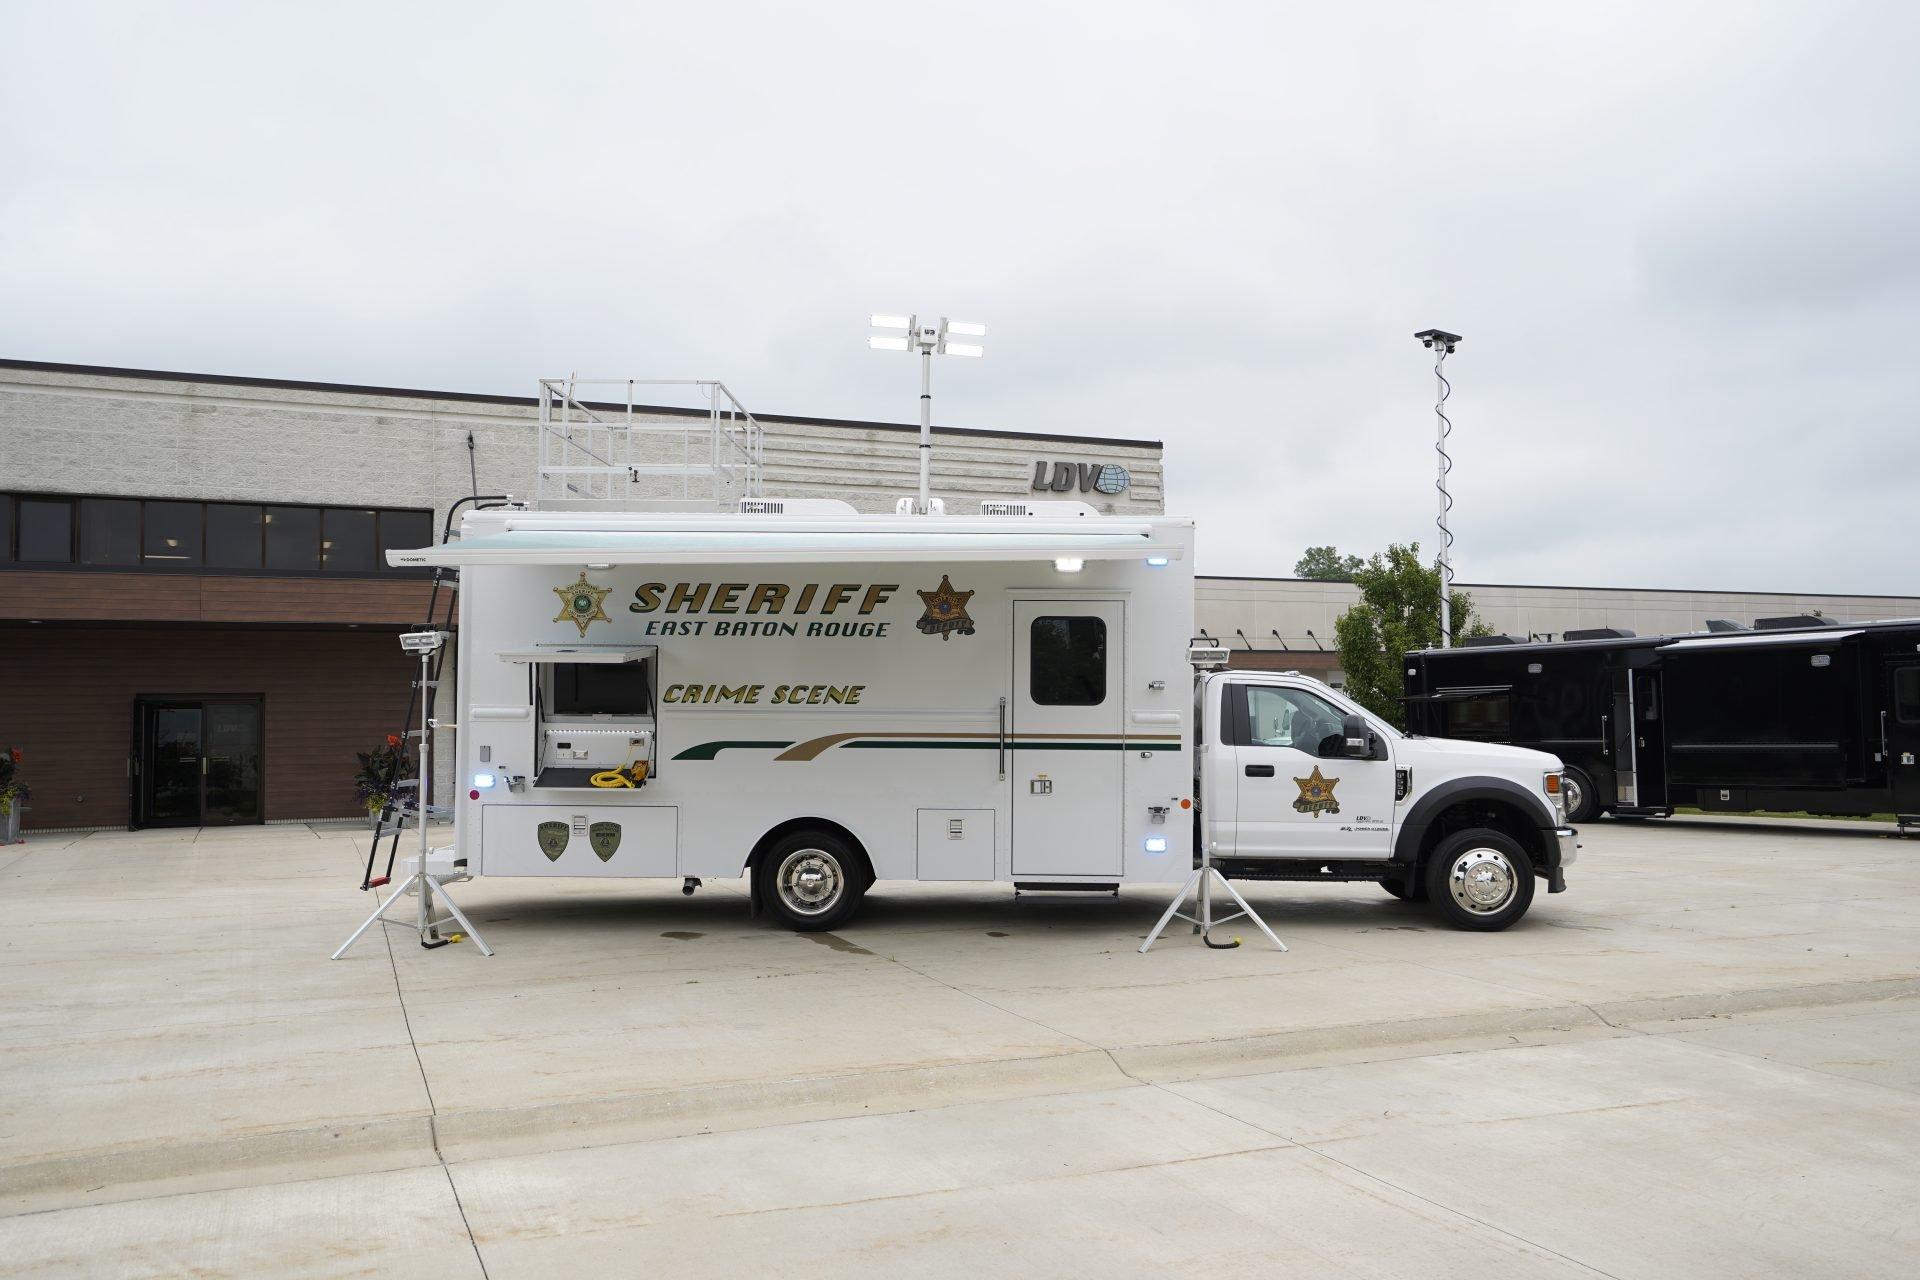 LDV-East Baton Rouge Sheriff CSI